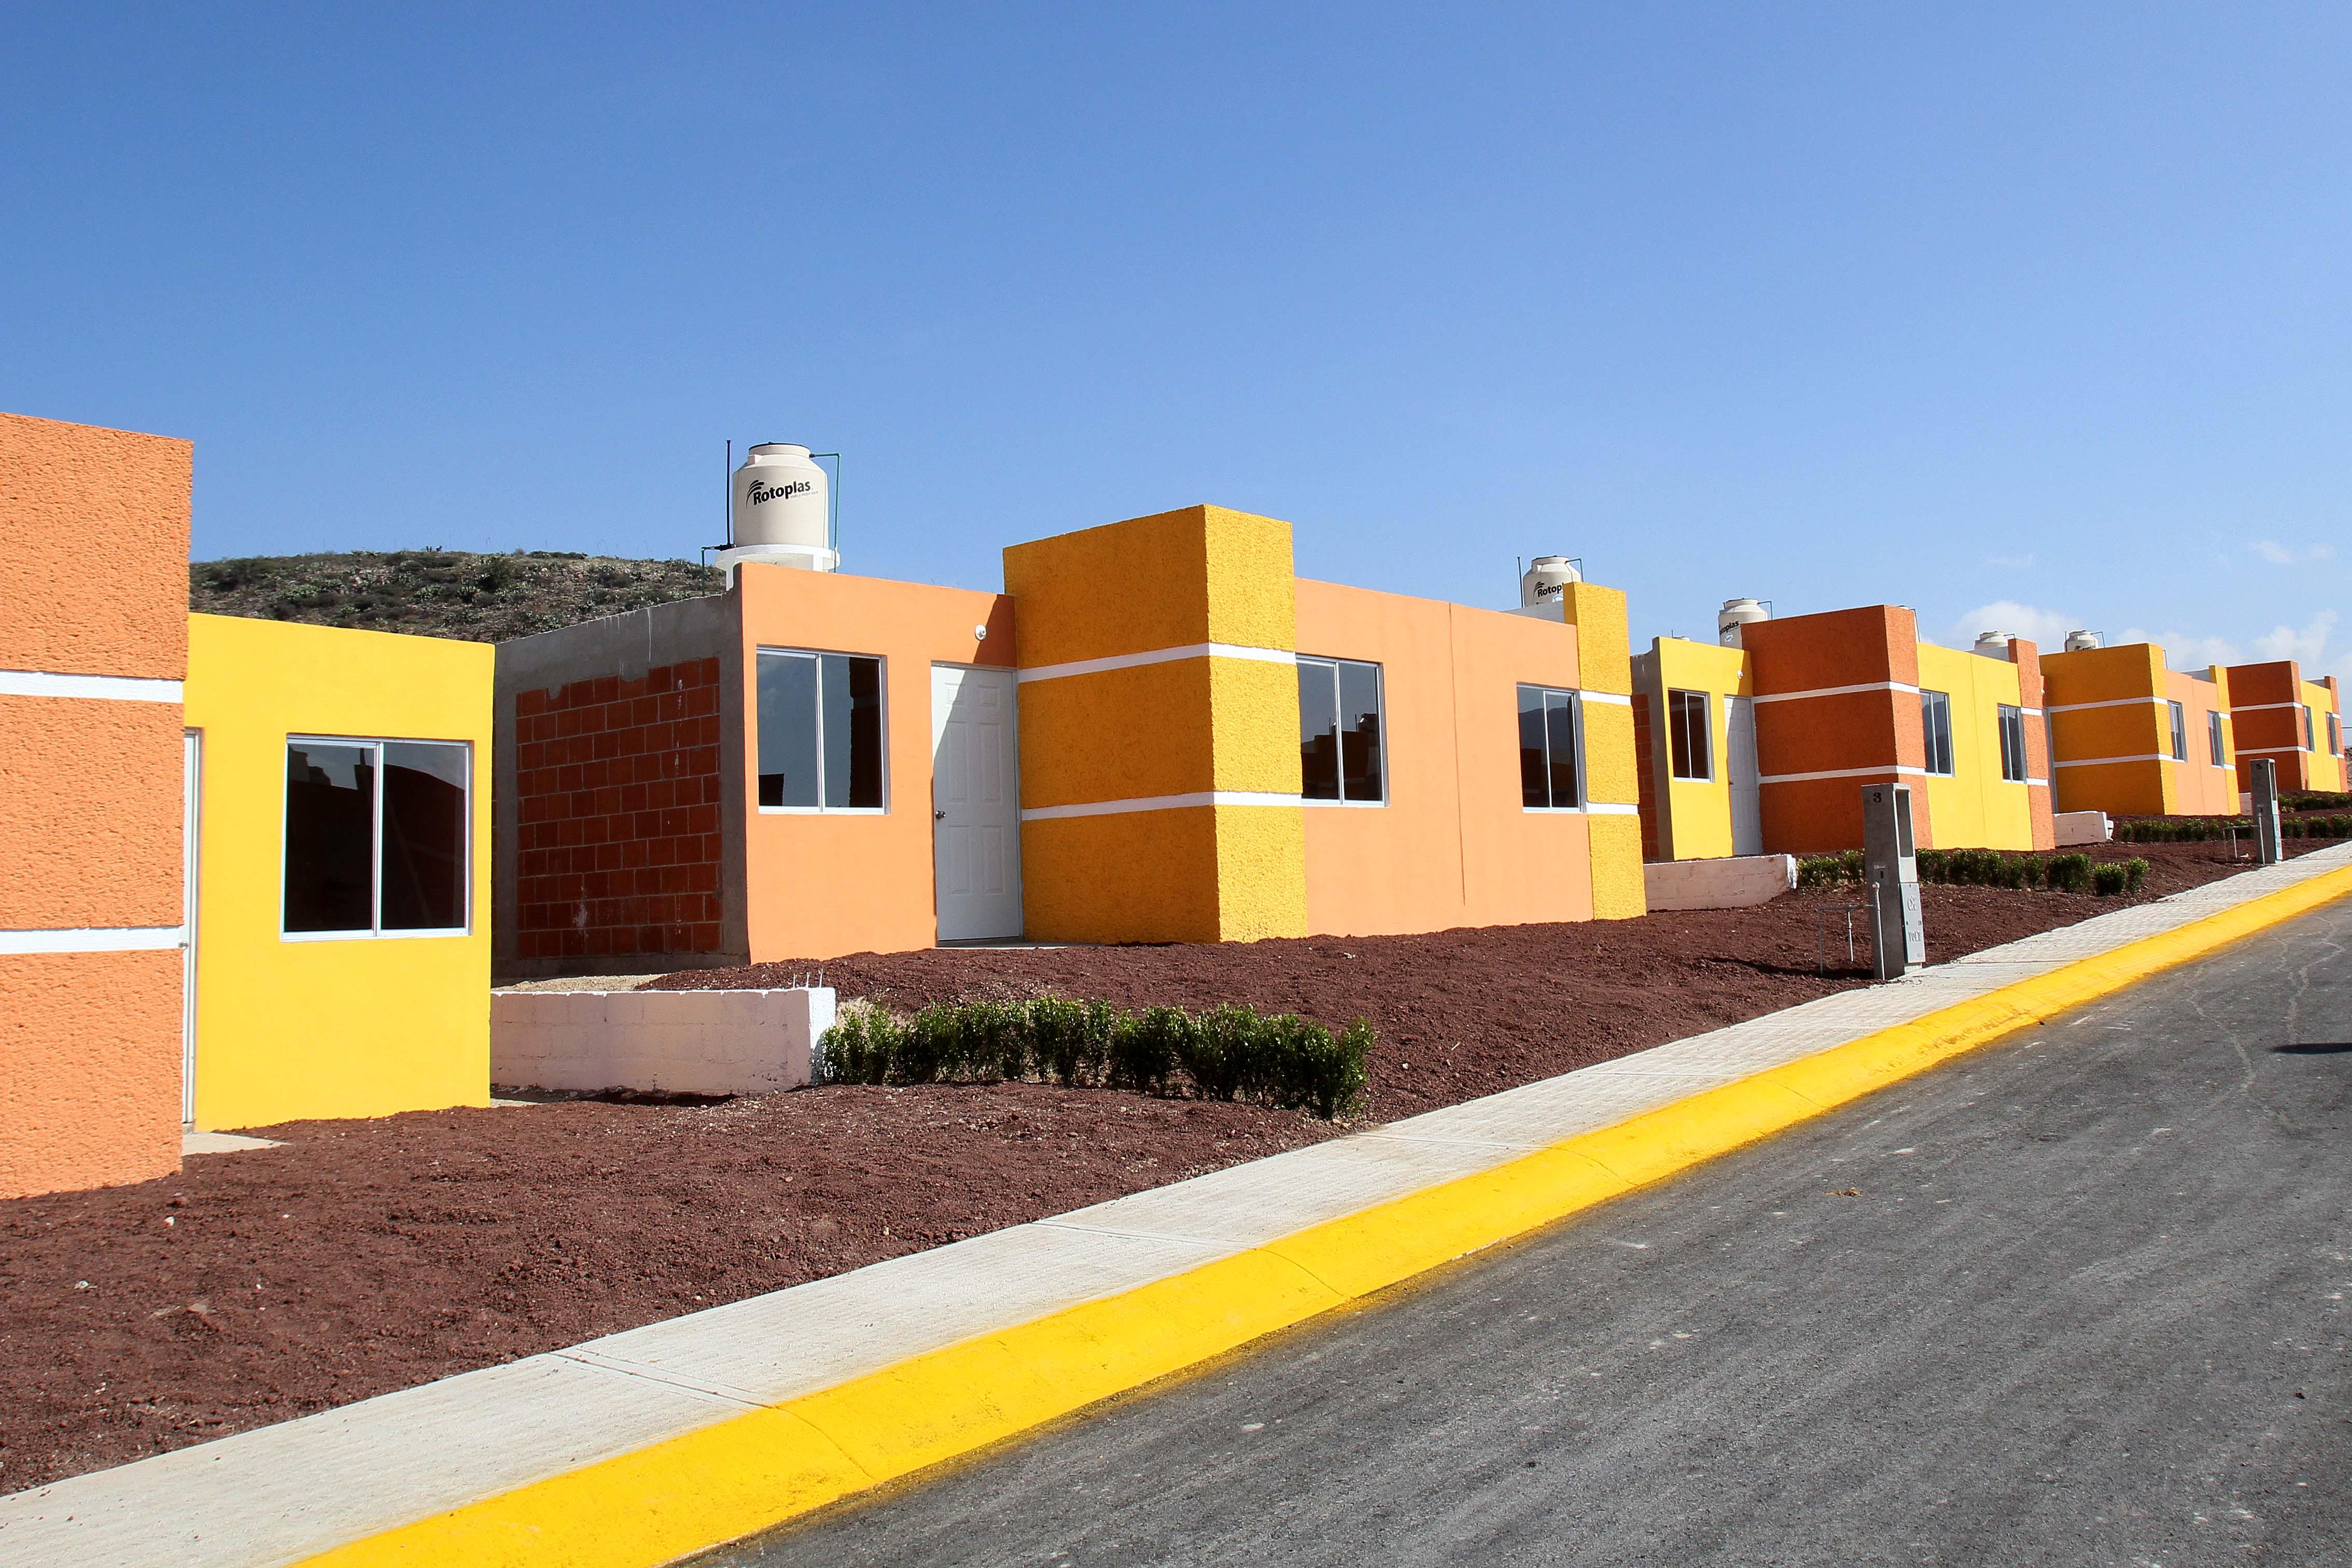 En la gráfica, viviendas construidas con el apoyo de SEDATU, a través de FONHAPO, en el estado de Hidalgo. Cuentan con techo de concreto, muros sólidos de ladrillo o block con aplanados, pintura e instalaciones eléctricas y sanitarias.